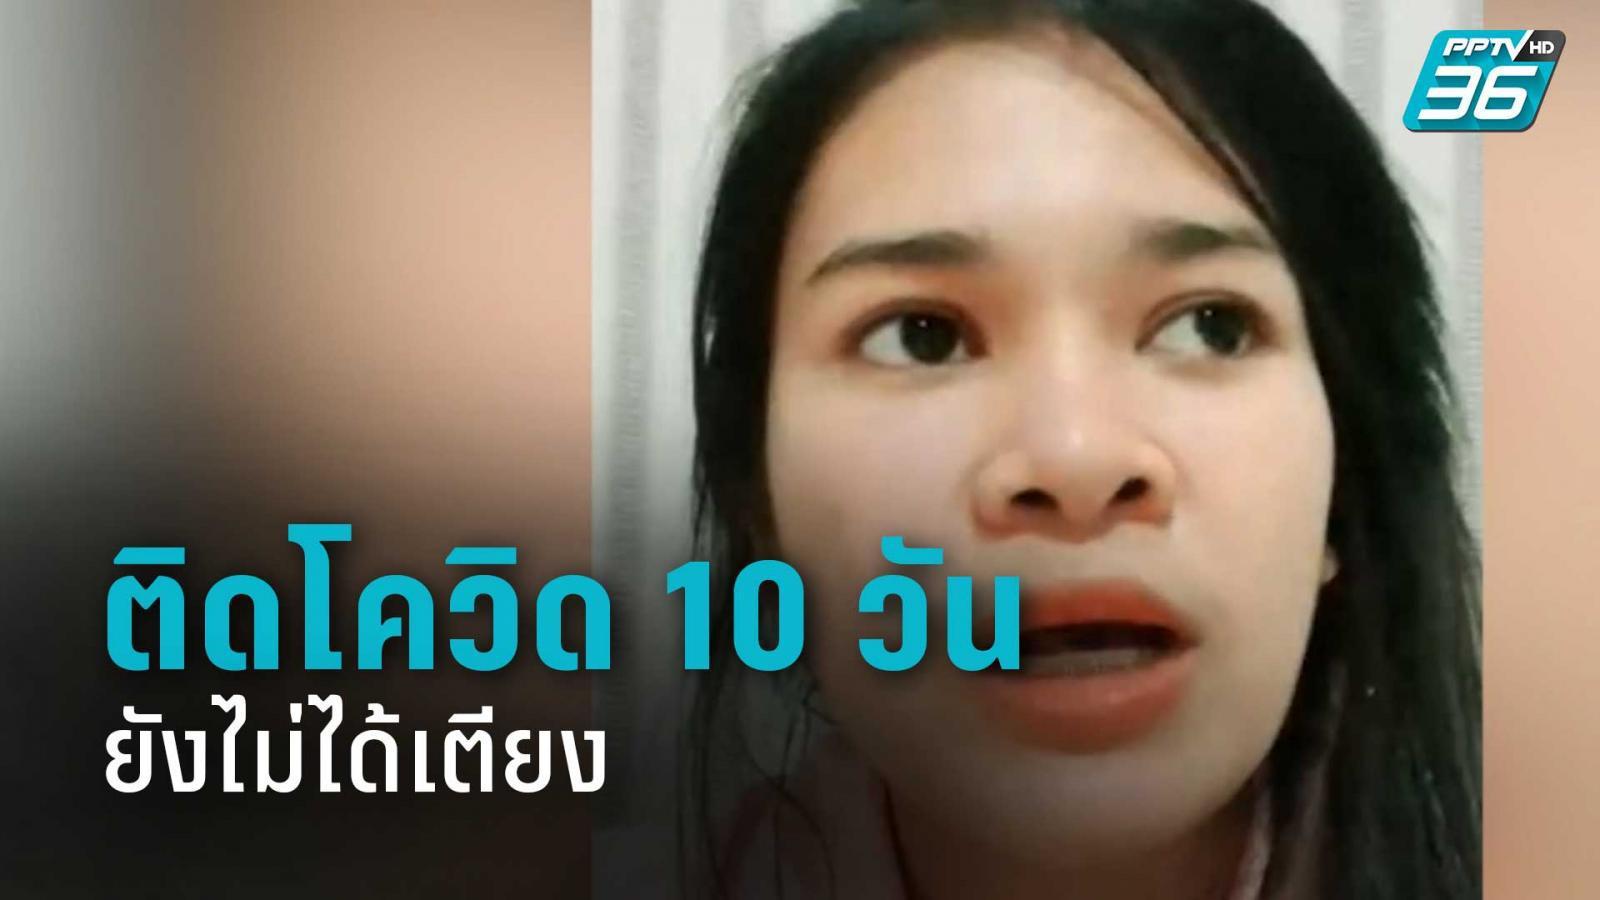 หญิงติดโควิด 10 วัน อาการทรุด แต่ยังไม่ได้เตียงรักษา